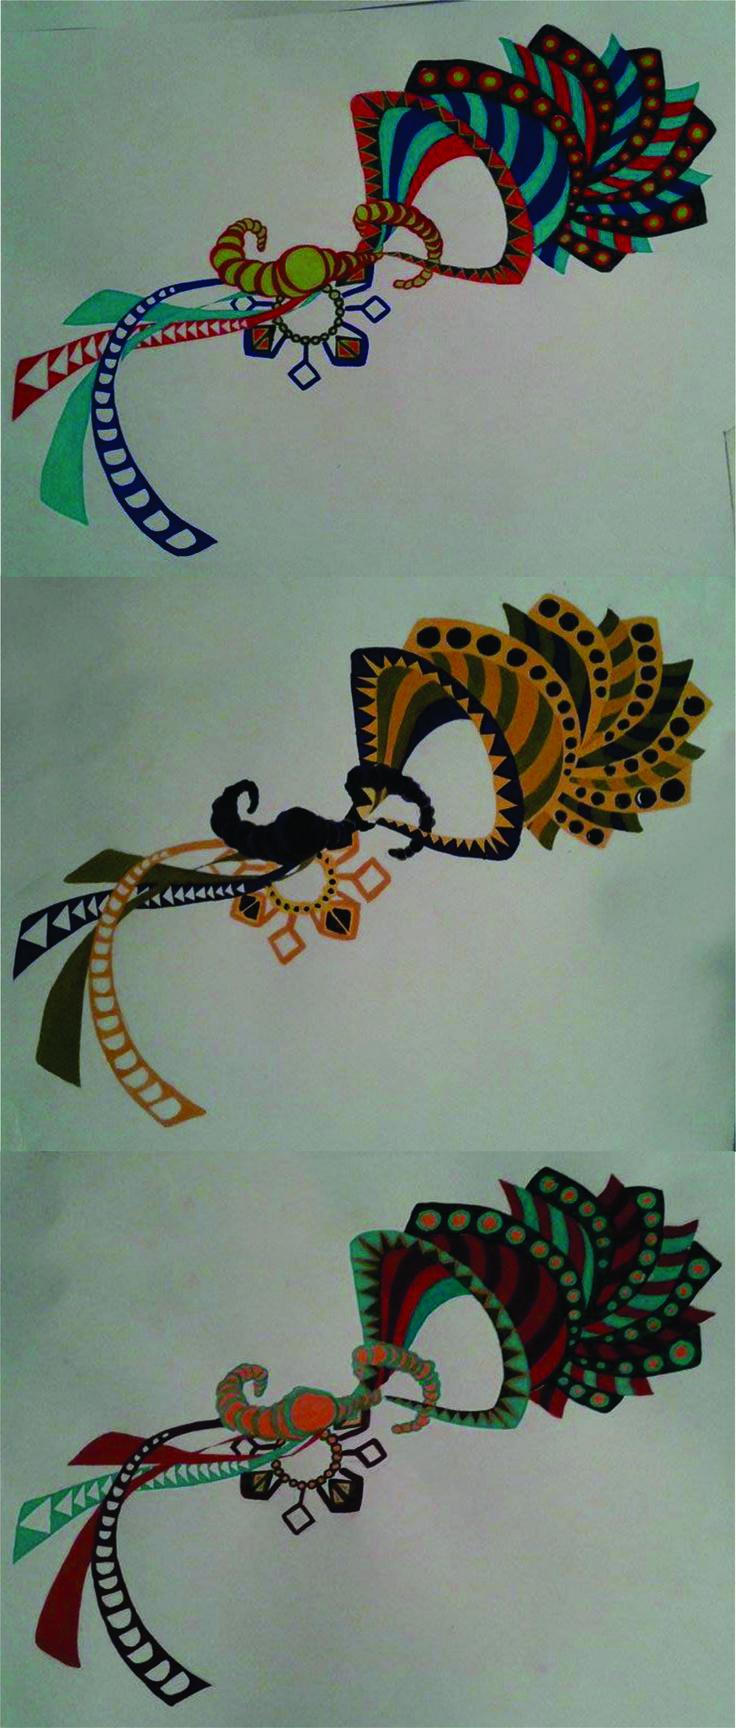 TP 2 Rapport y Estampa - Estampa única y cambios de color - Arte Huichol